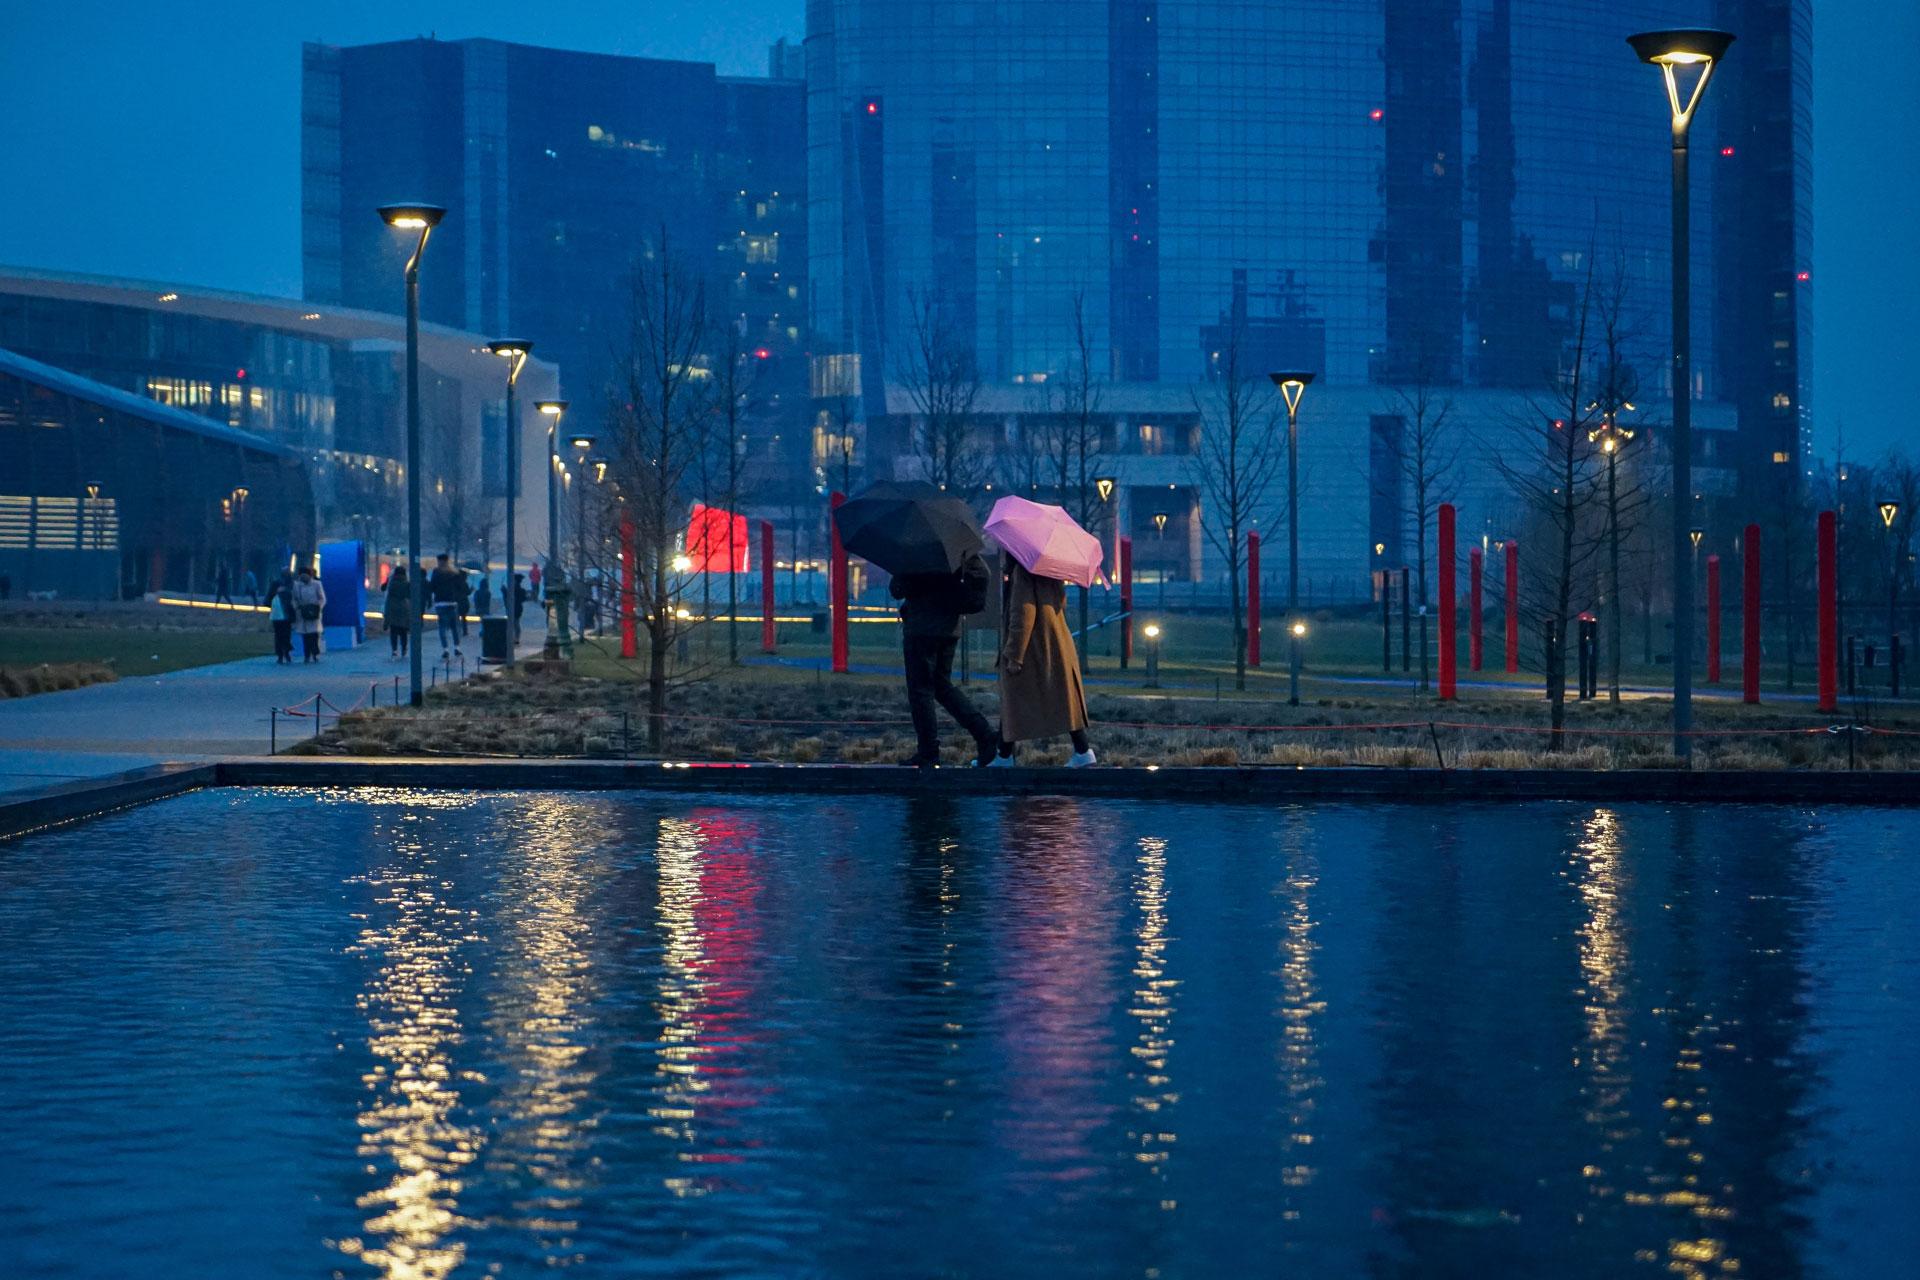 milano, milano vestita di pioggia, pioggia a milano, elena galimberti, fotografia